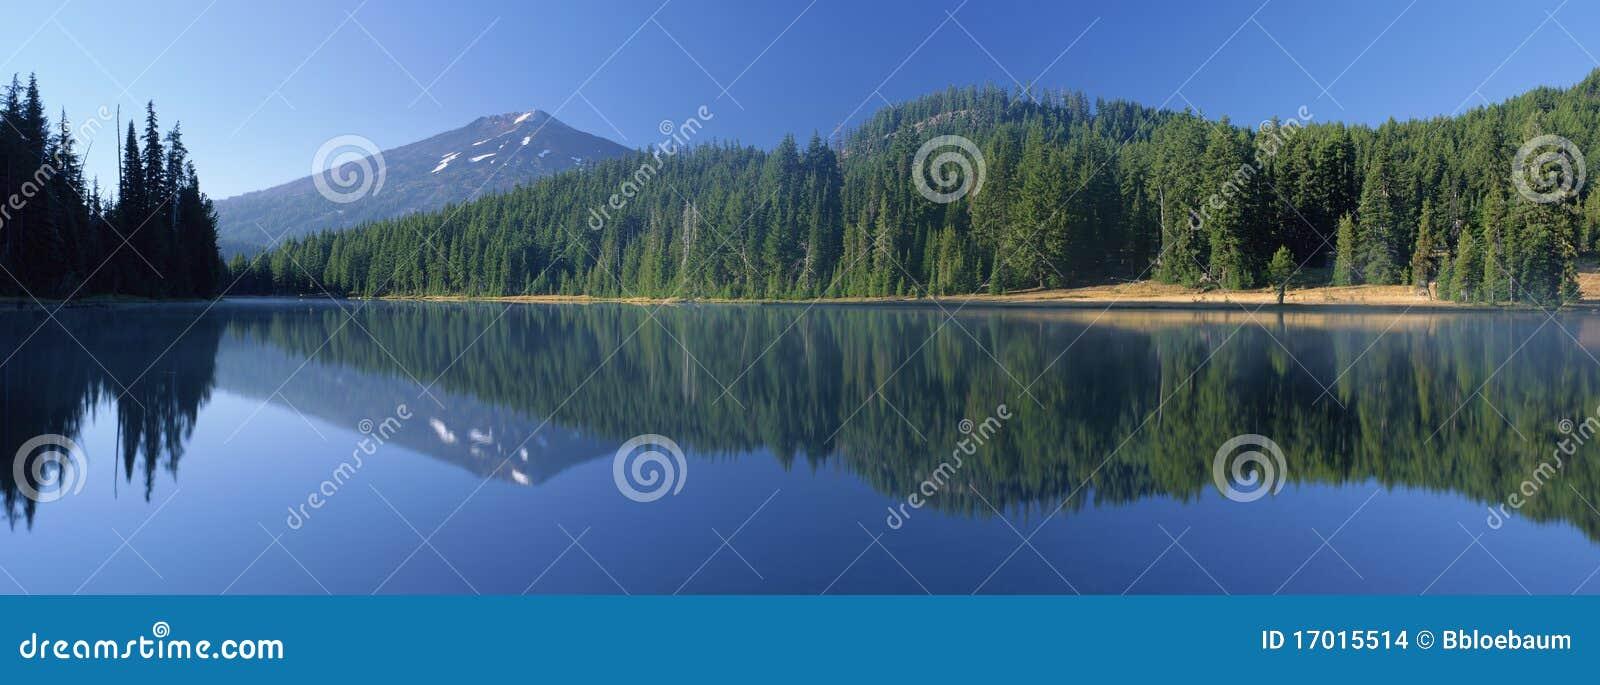 Todd Lake and Mount Bachelor